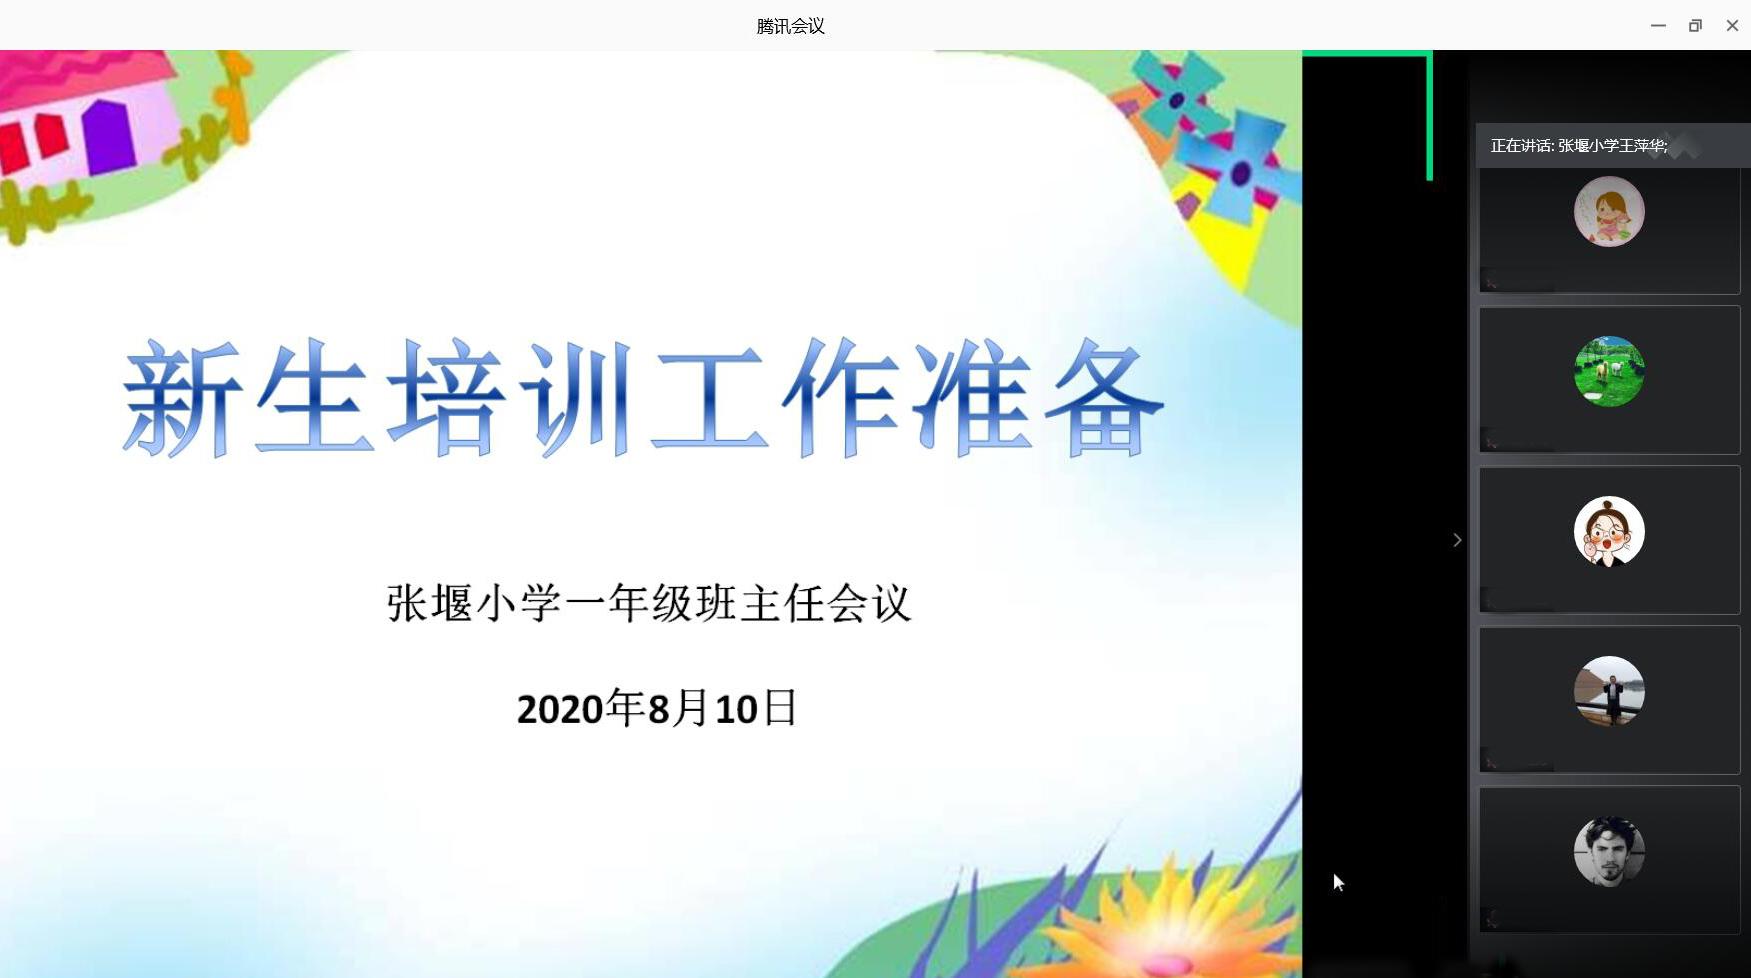 张堰小学召开一年级新生培训工作准备会议